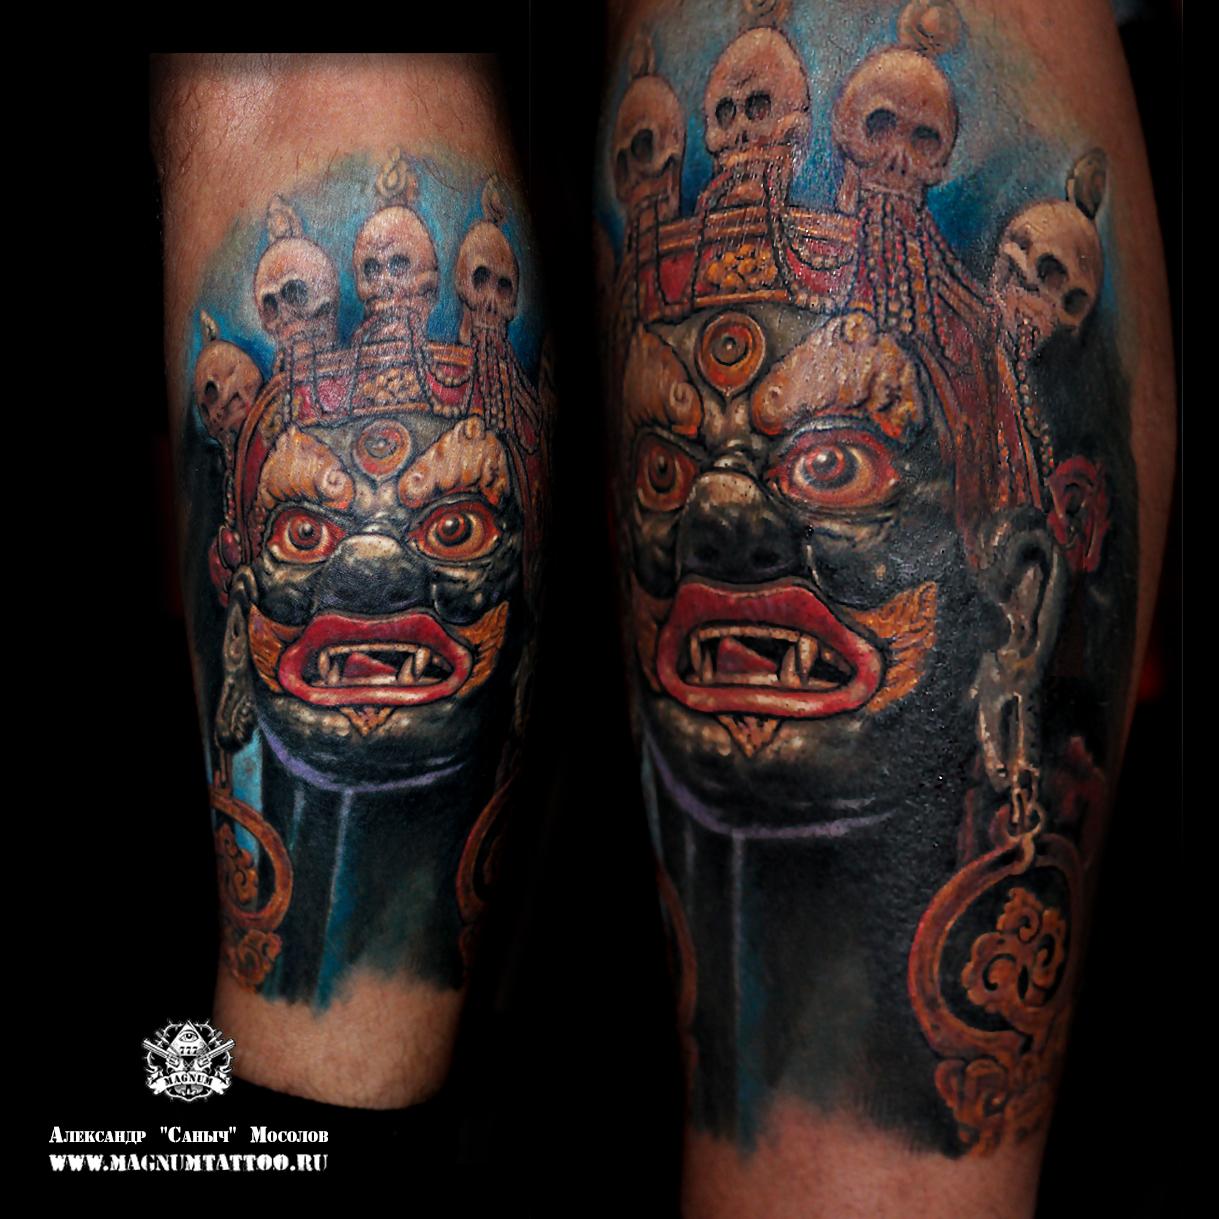 Тату масок 259 лучших фото татуировок 2018 года - KissMyTattoo